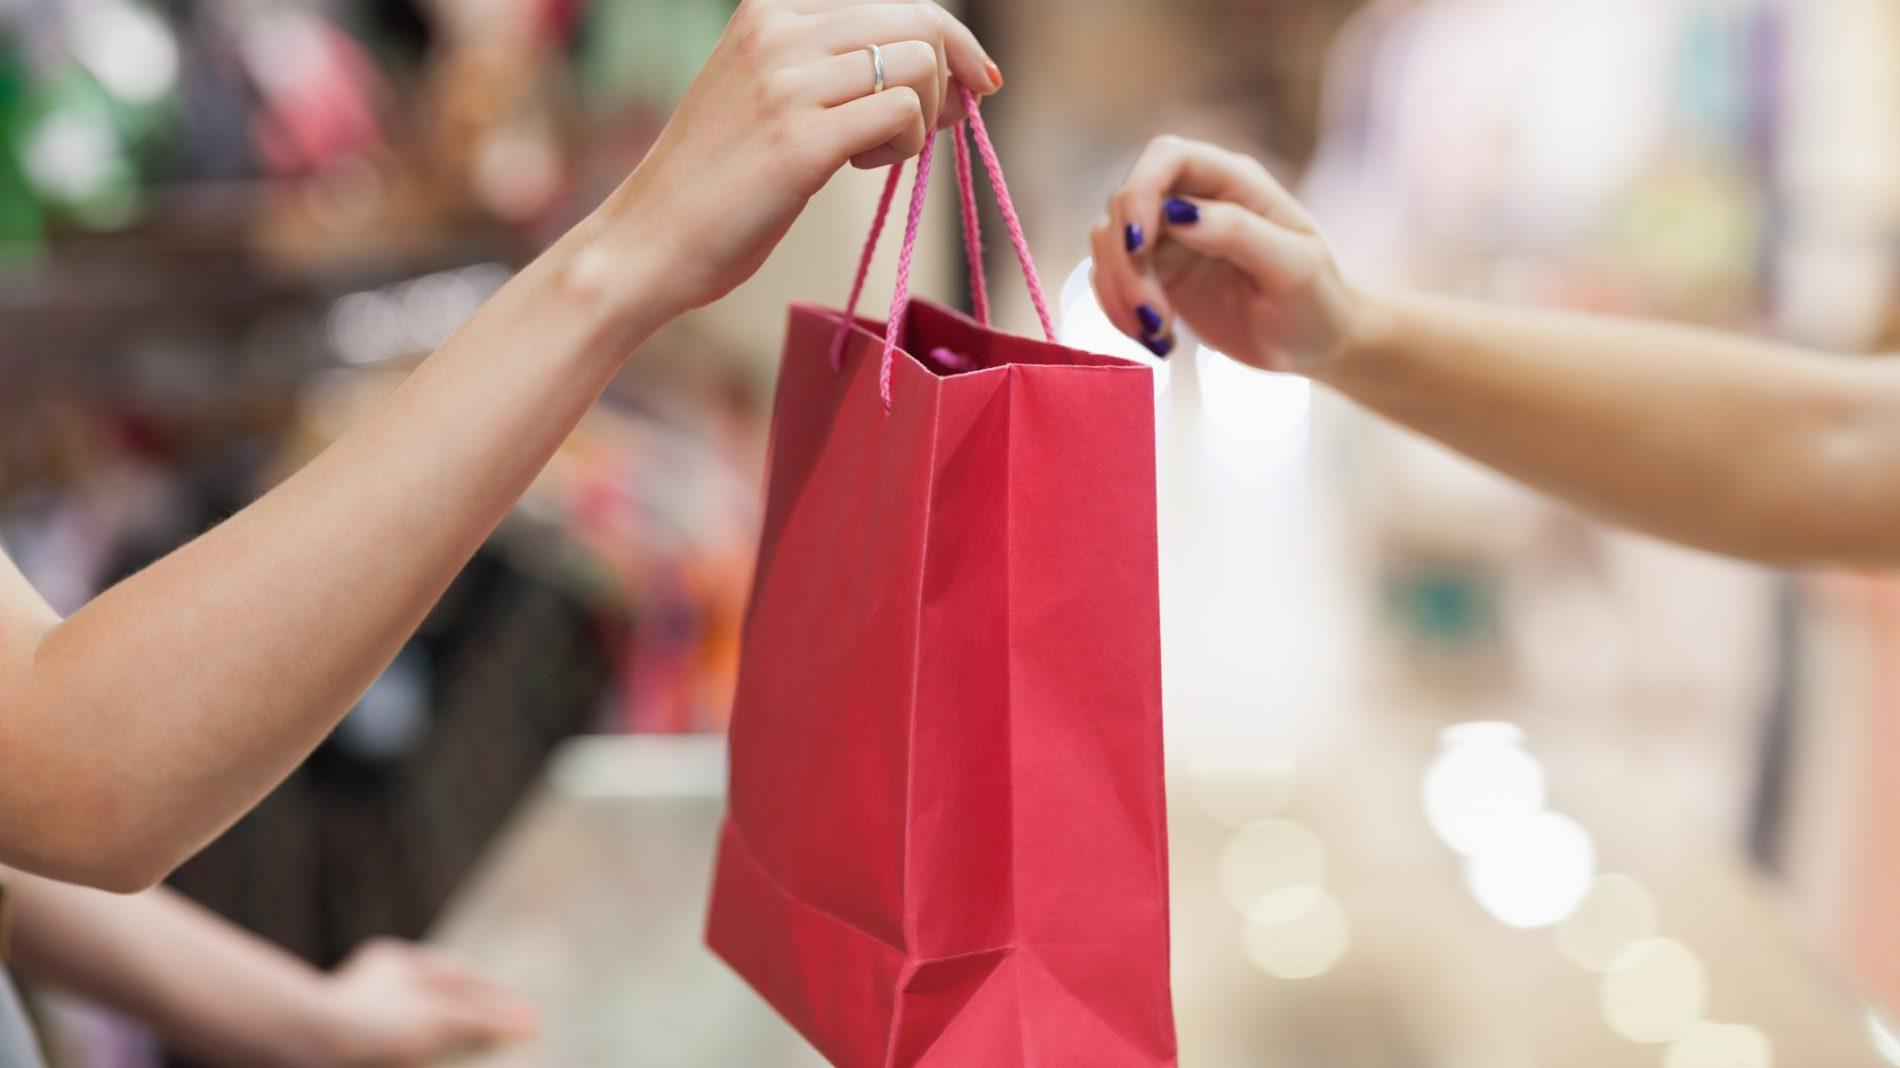 Handing over shopping bag